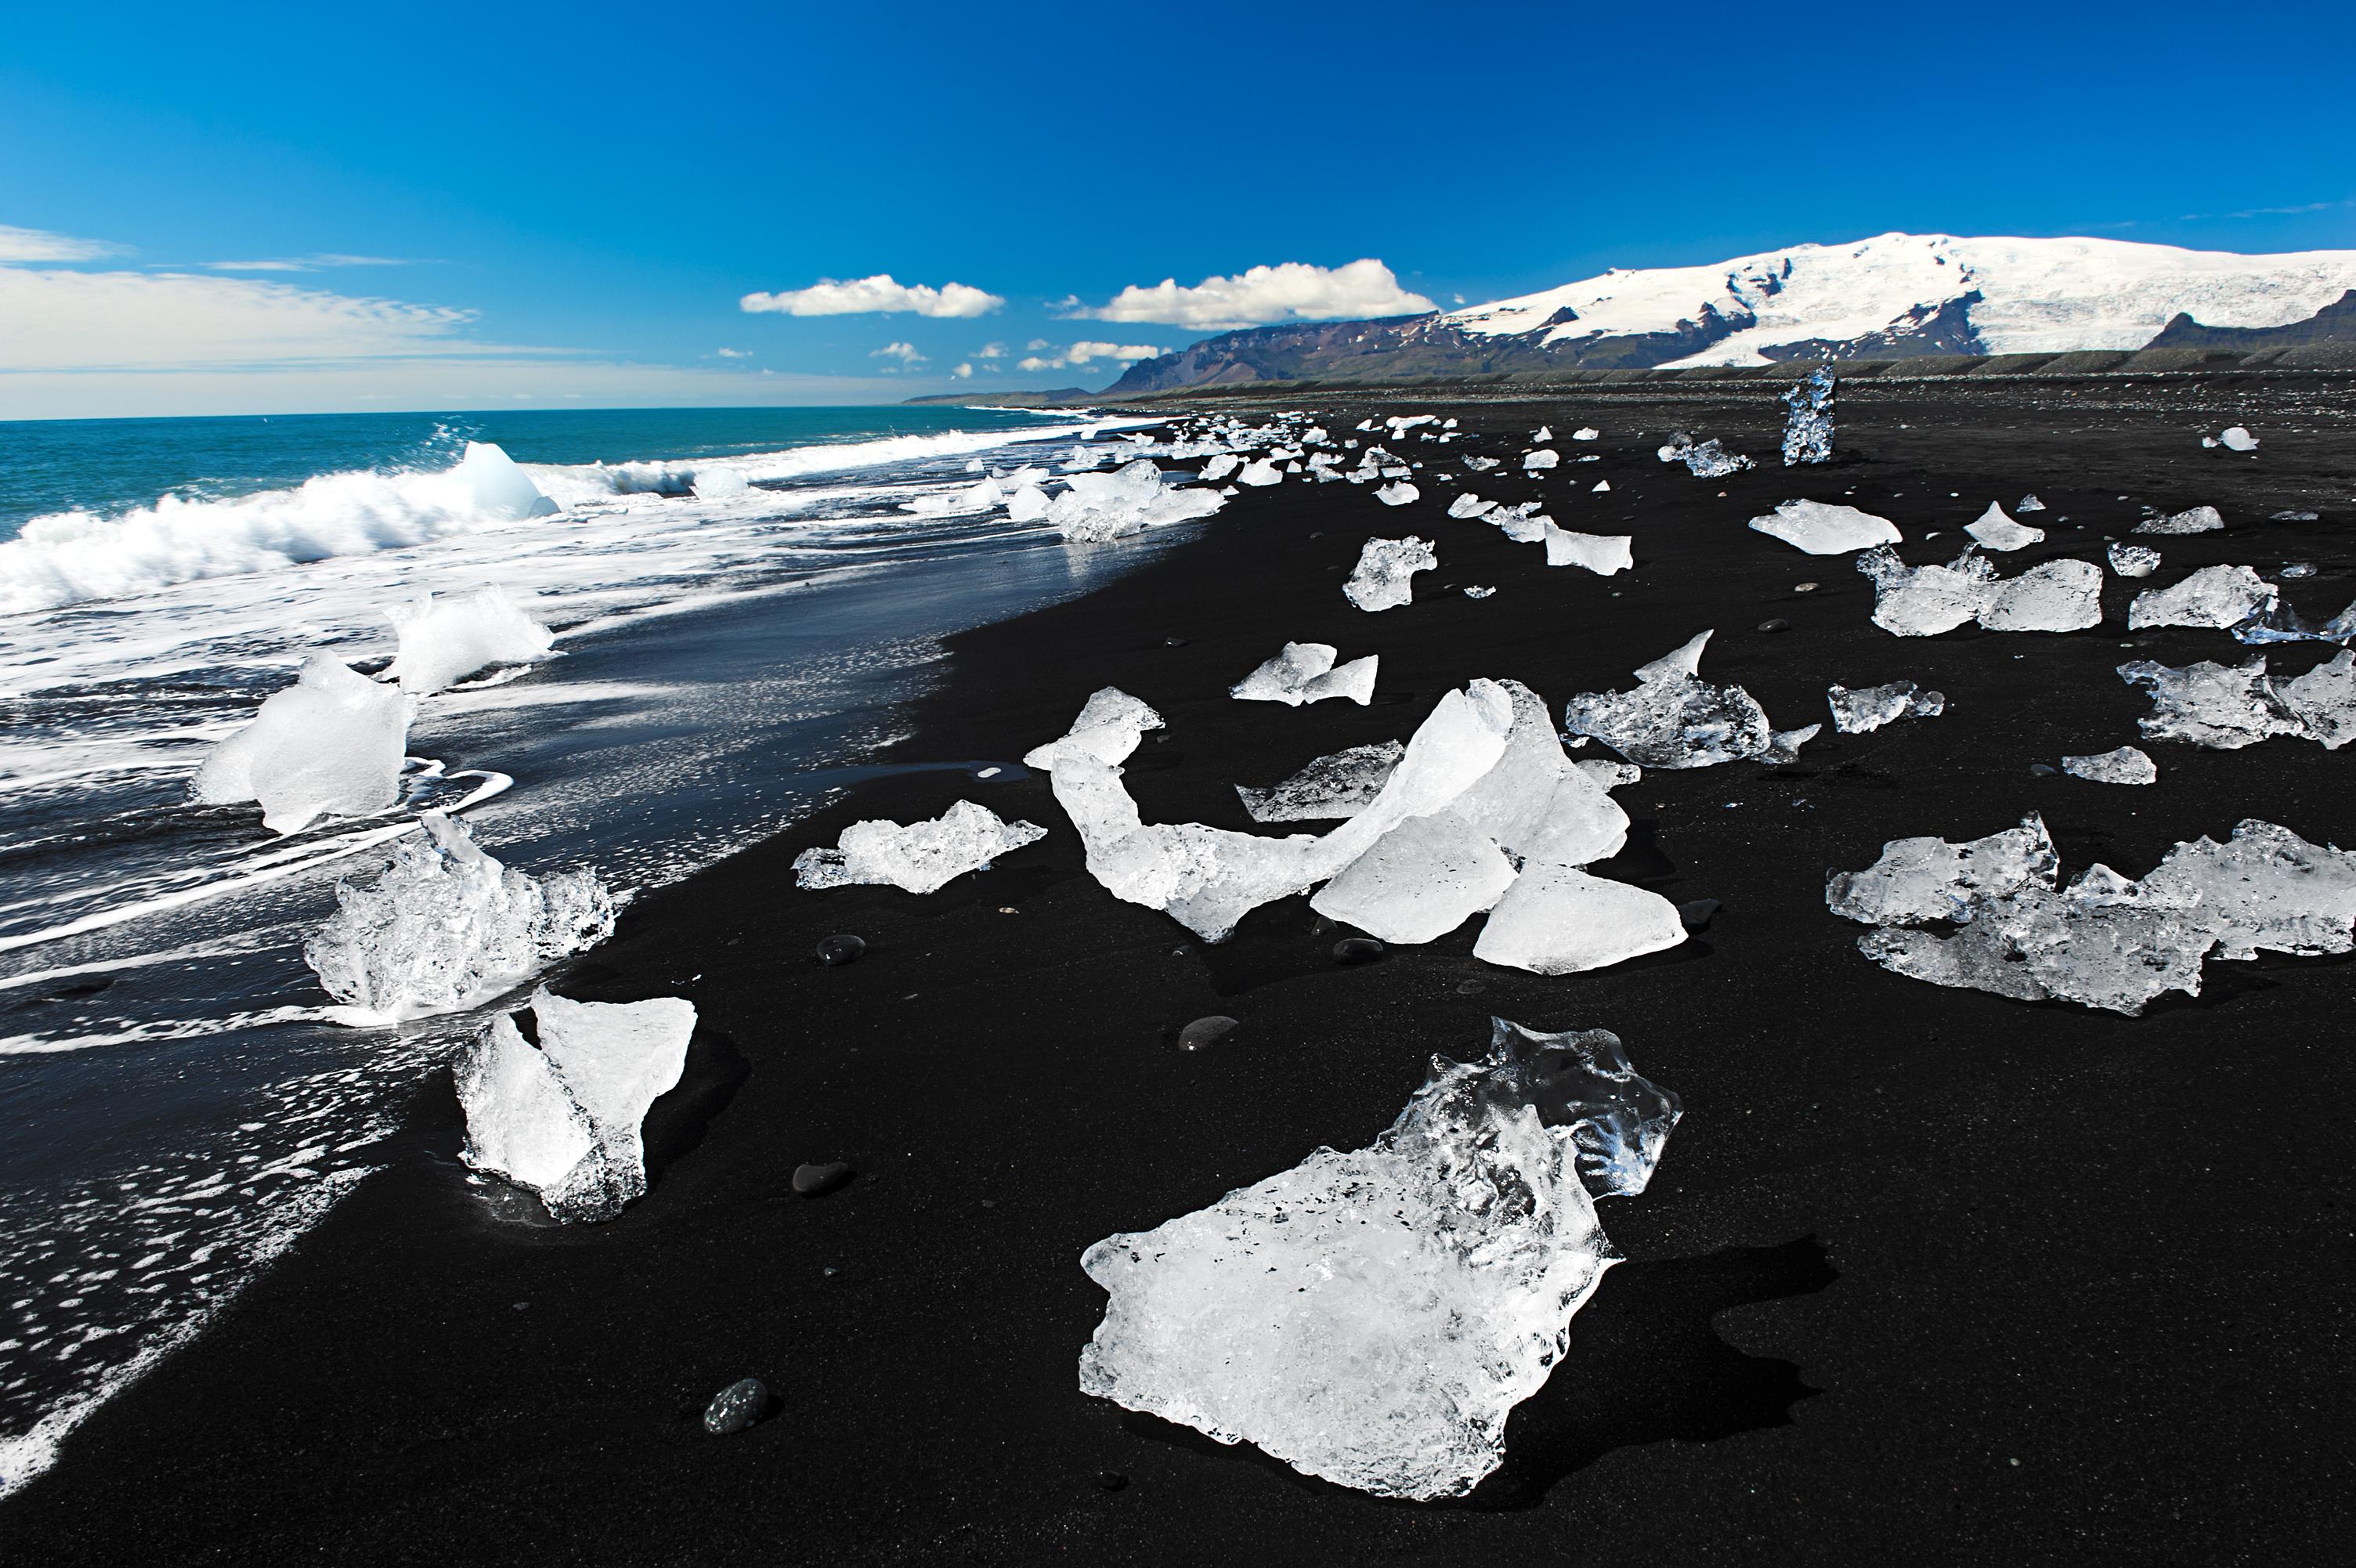 Białe góry lodowe ostro kontrastują z czarnym piaskiem na Diamentowej Plaży na południowym wybrzeżu Islandii.